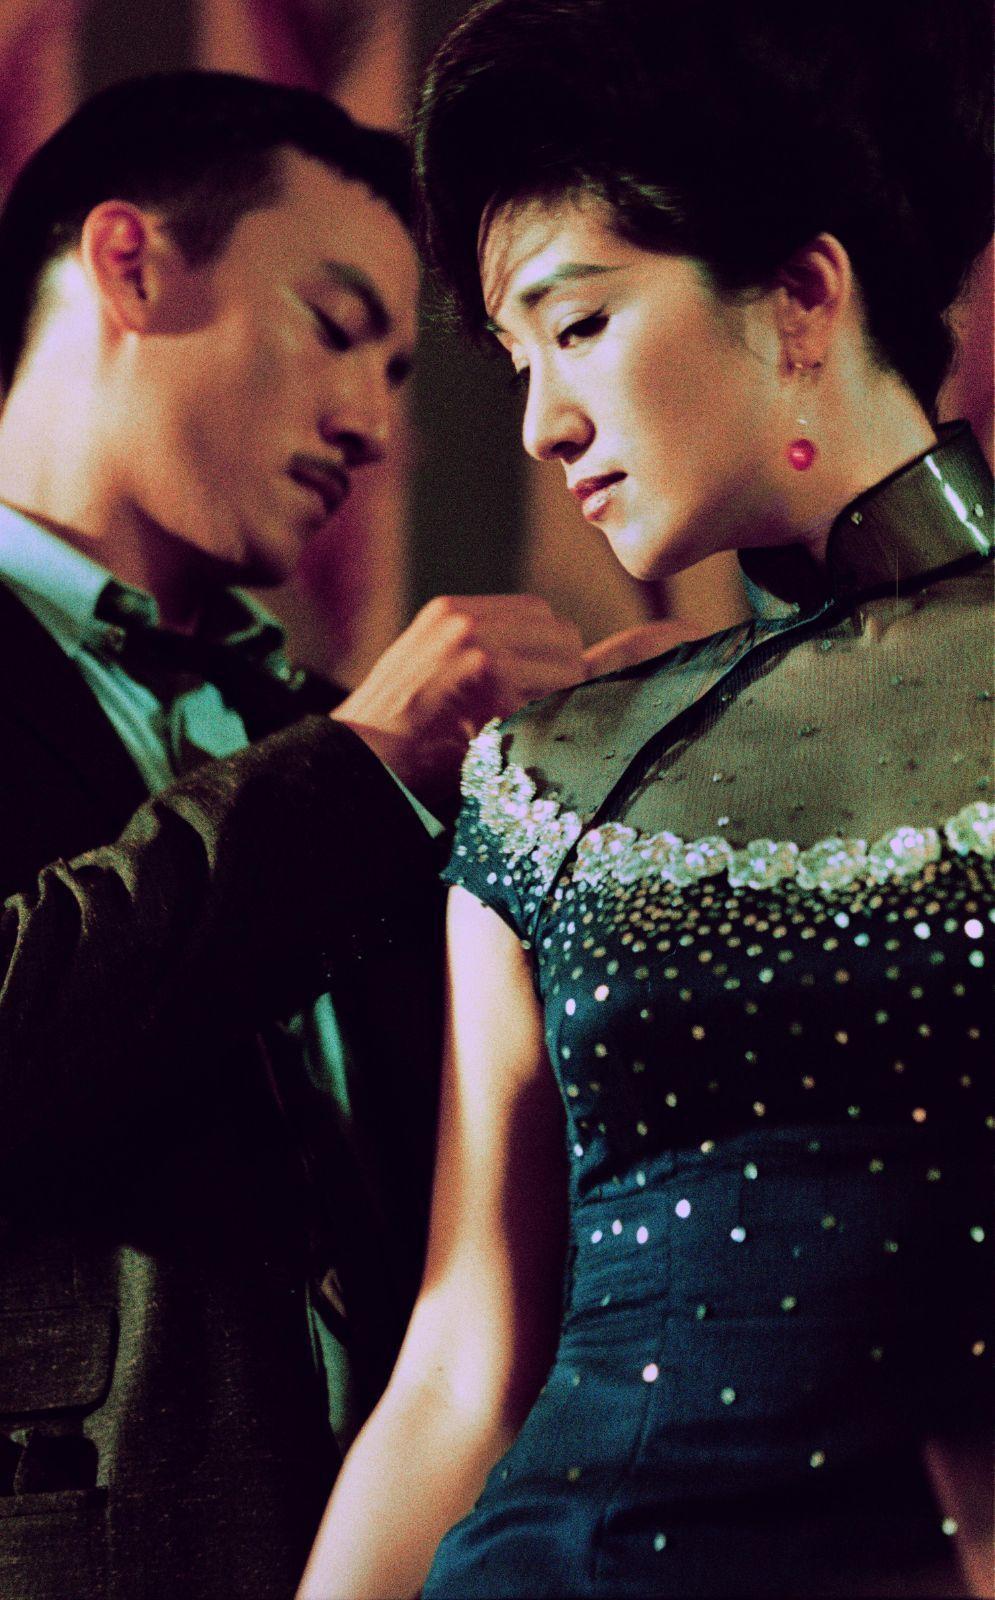 王家衛經典電影「愛神-手」60分鐘加長版將在北京首次放映。圖/澤東提供